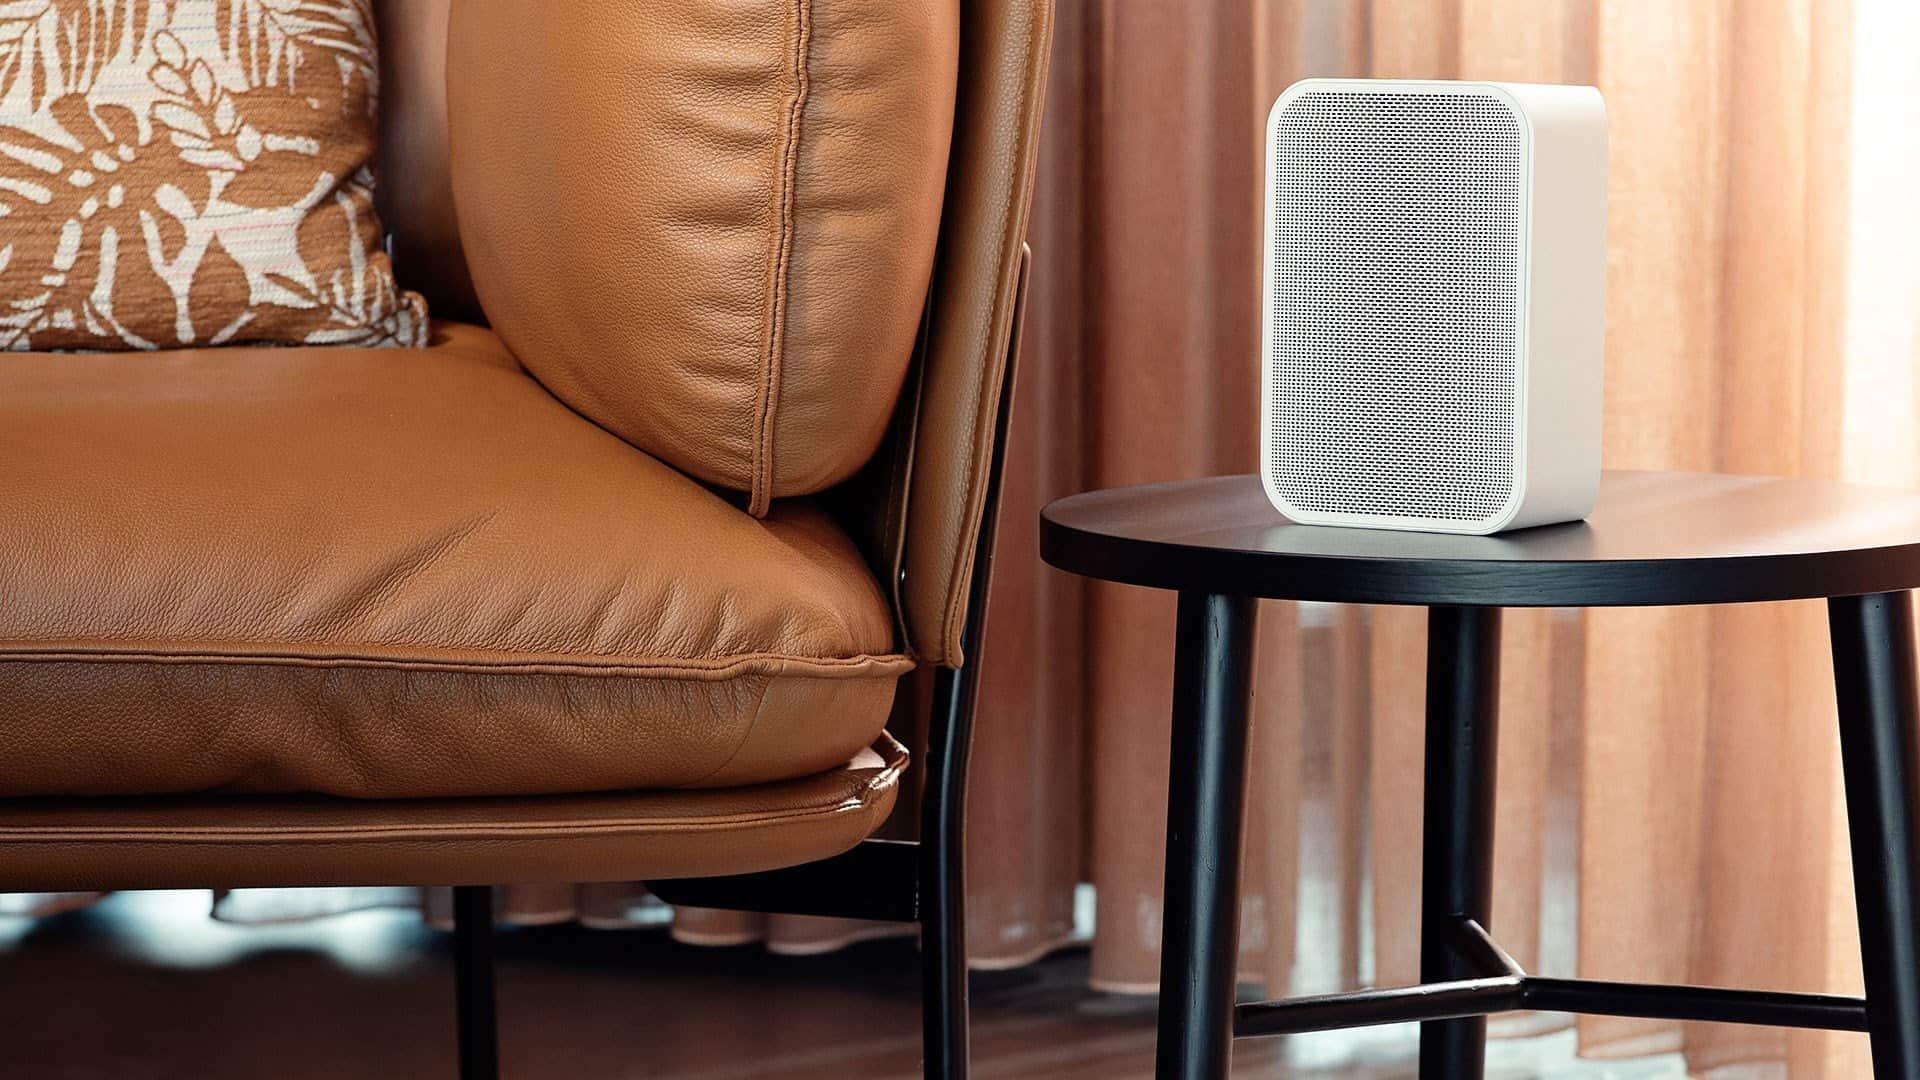 Diffusore attivo wireless multiroom